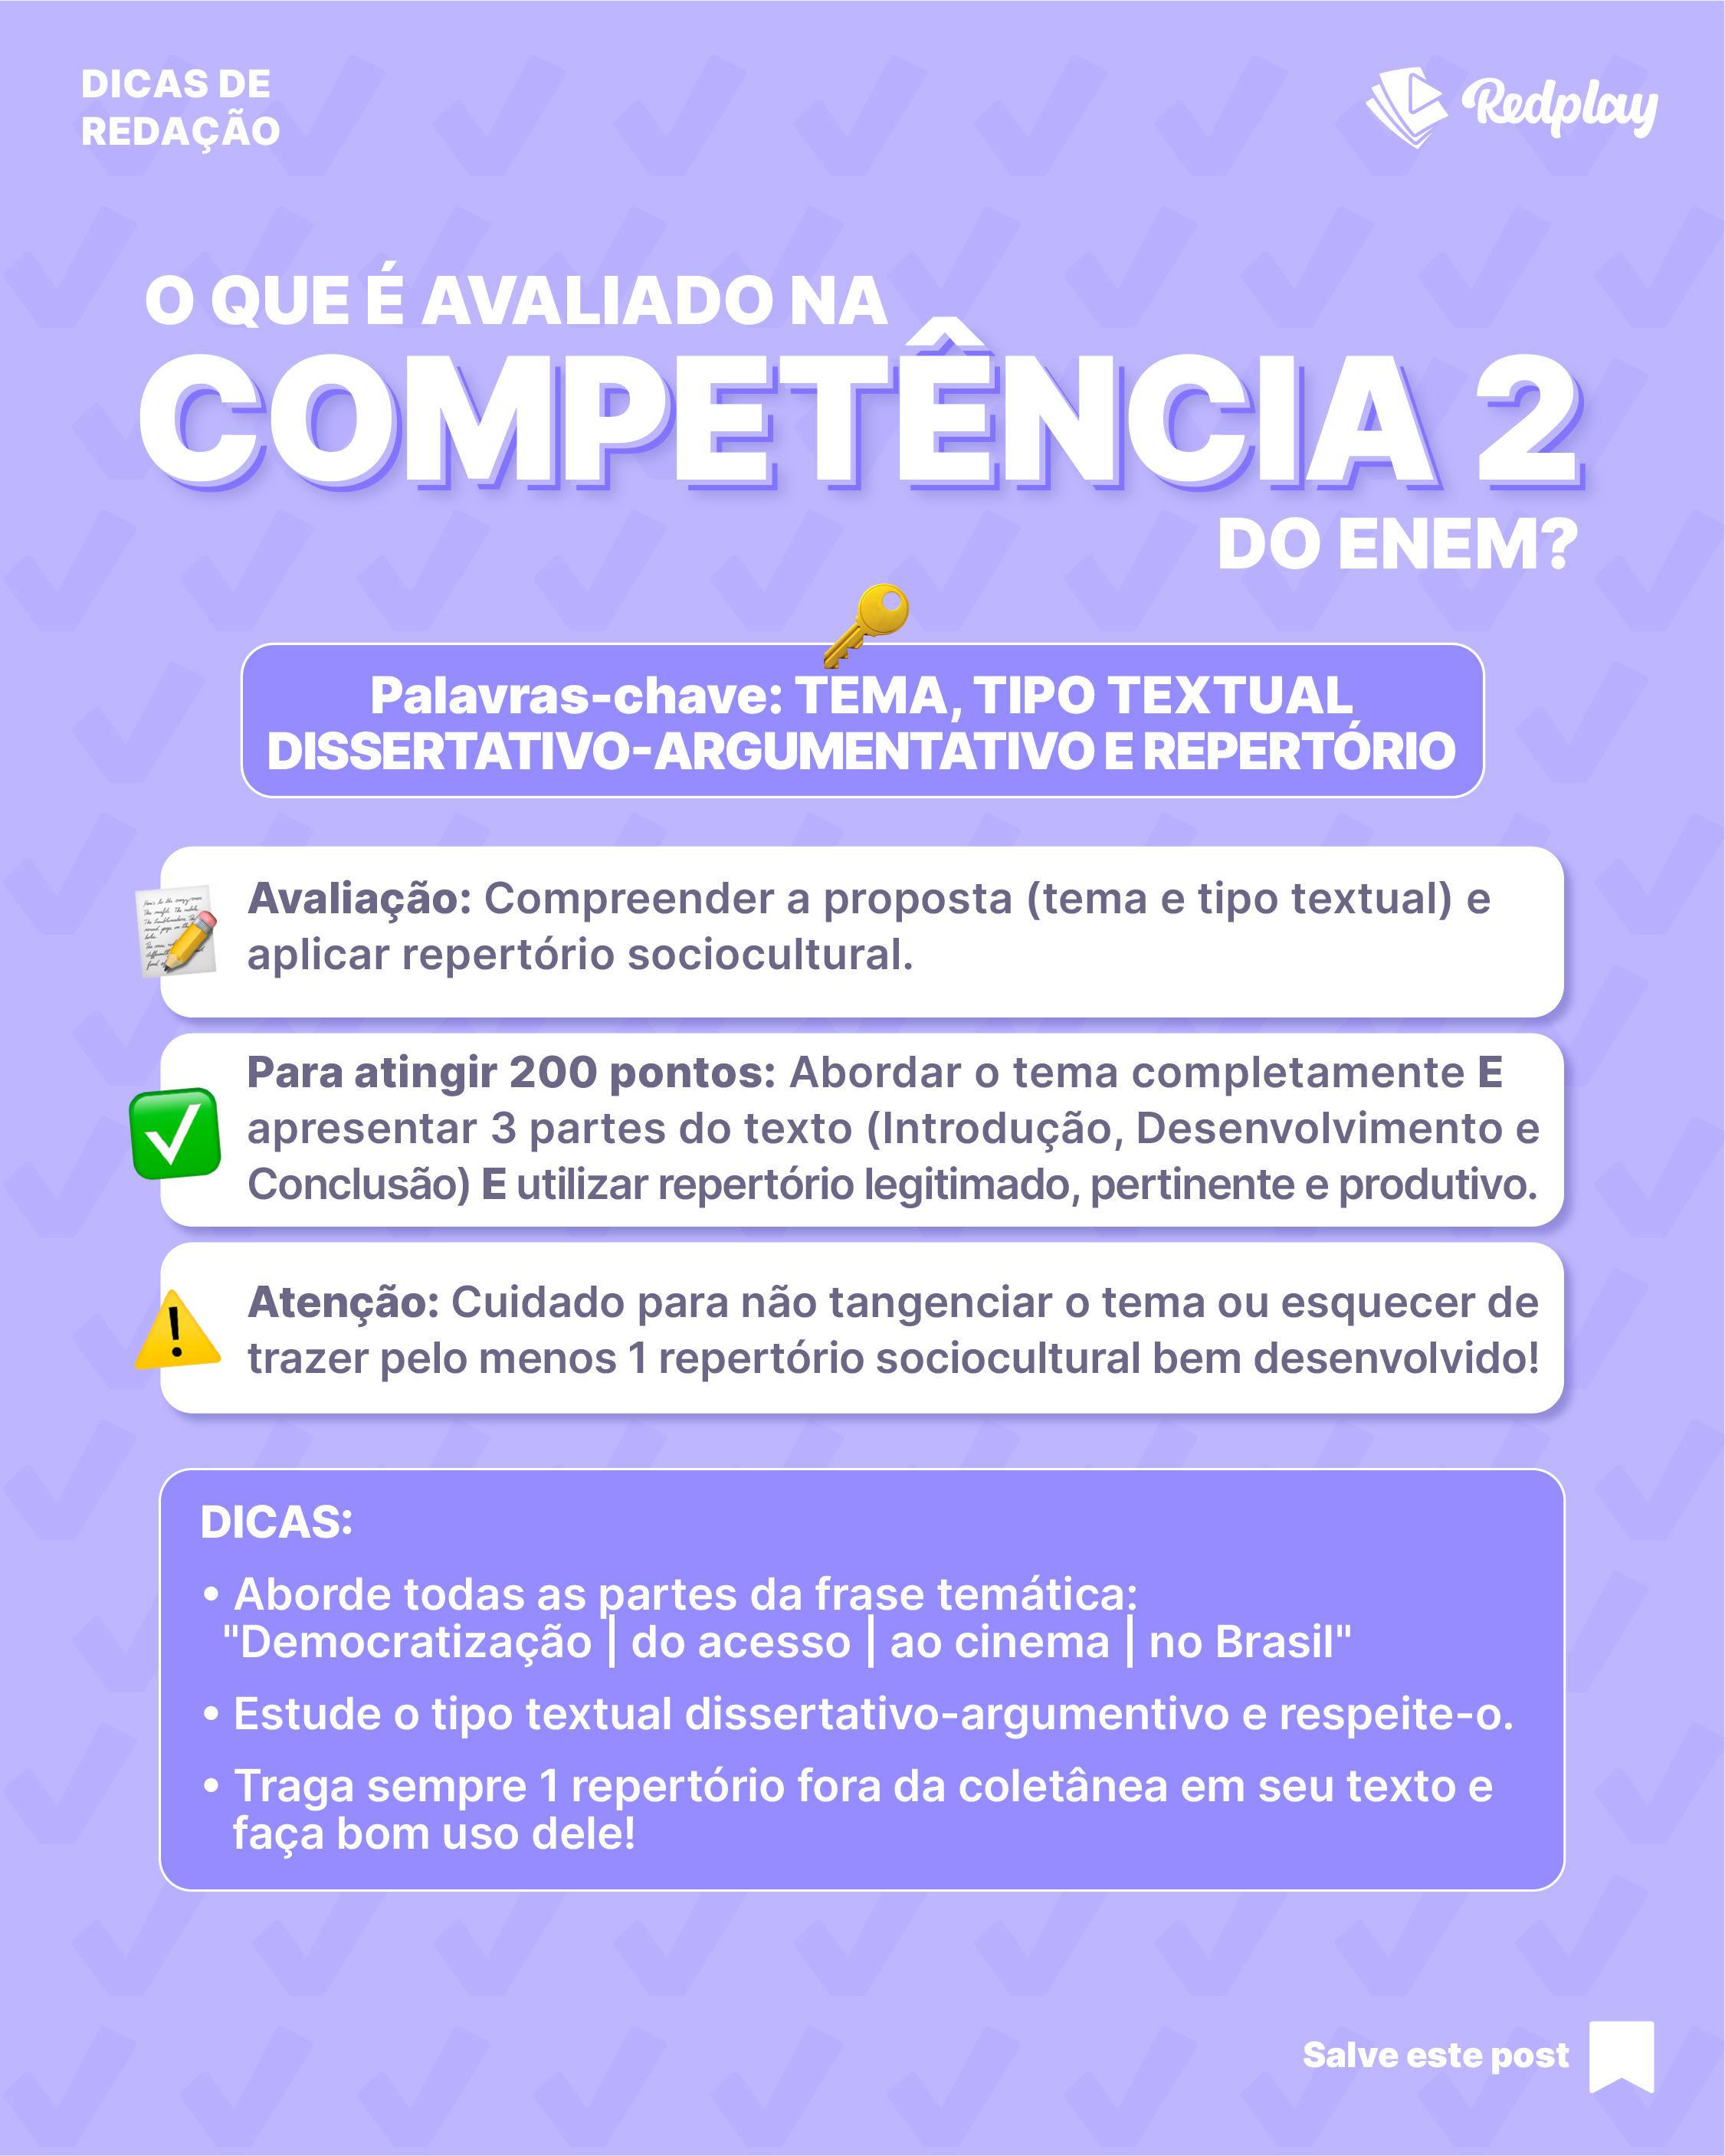 O que é avaliado na Competência 2